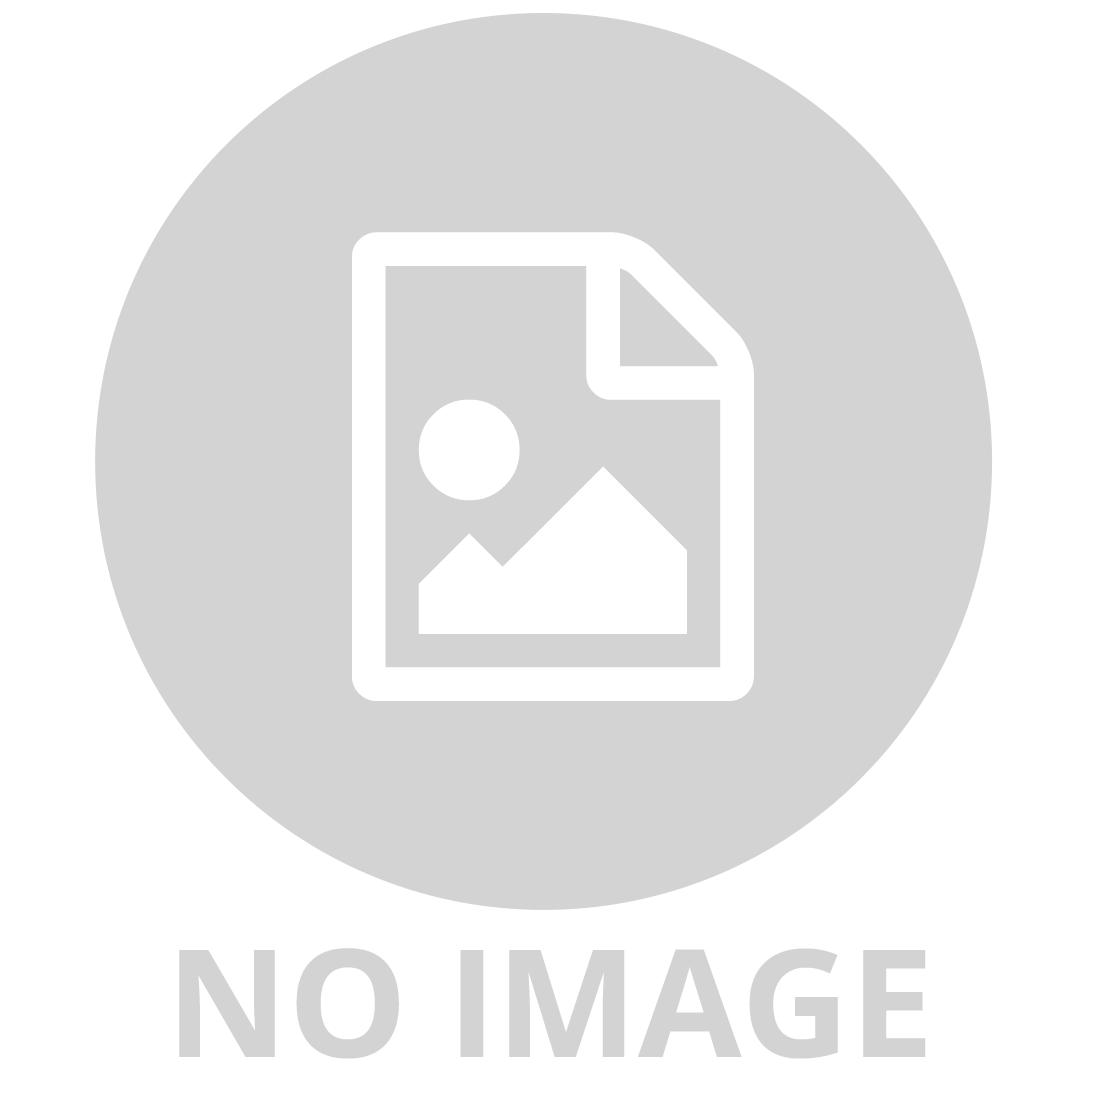 RAVENSBURGER- EIFFEL TOWER 216PC 3D PUZZLE